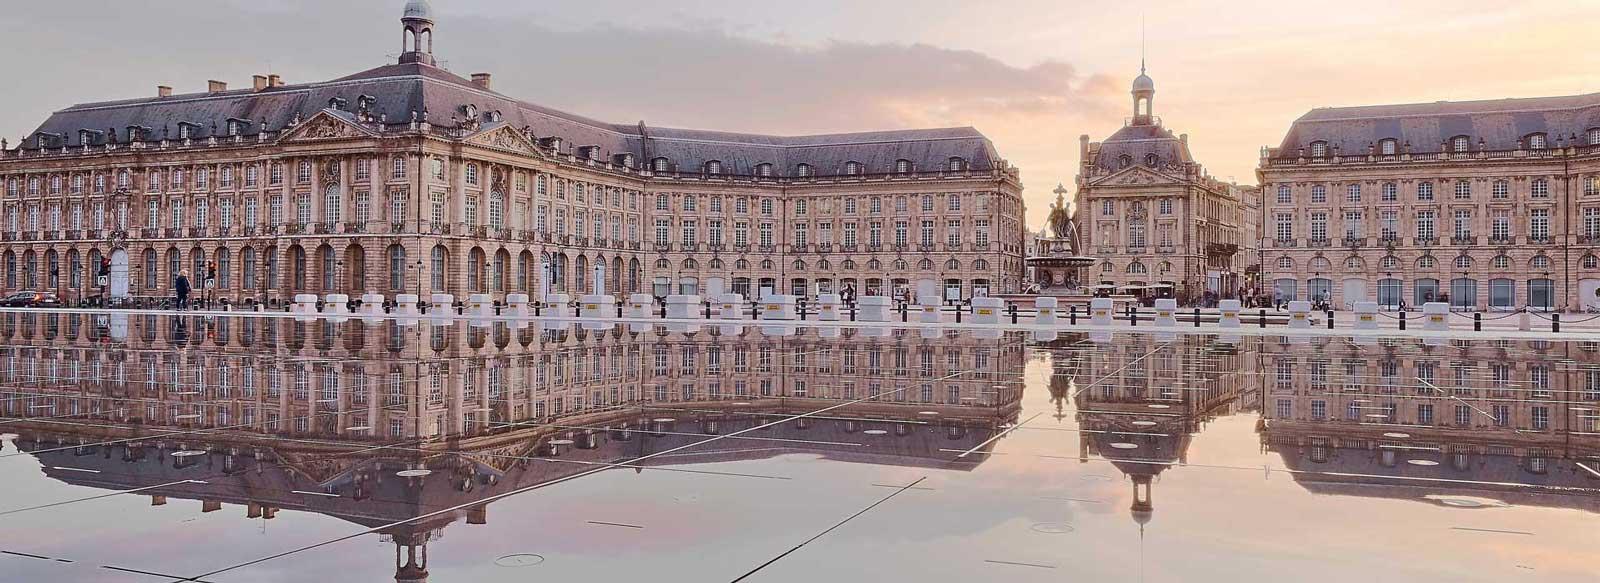 Photographe professionnel et formation photo à Bordeaux